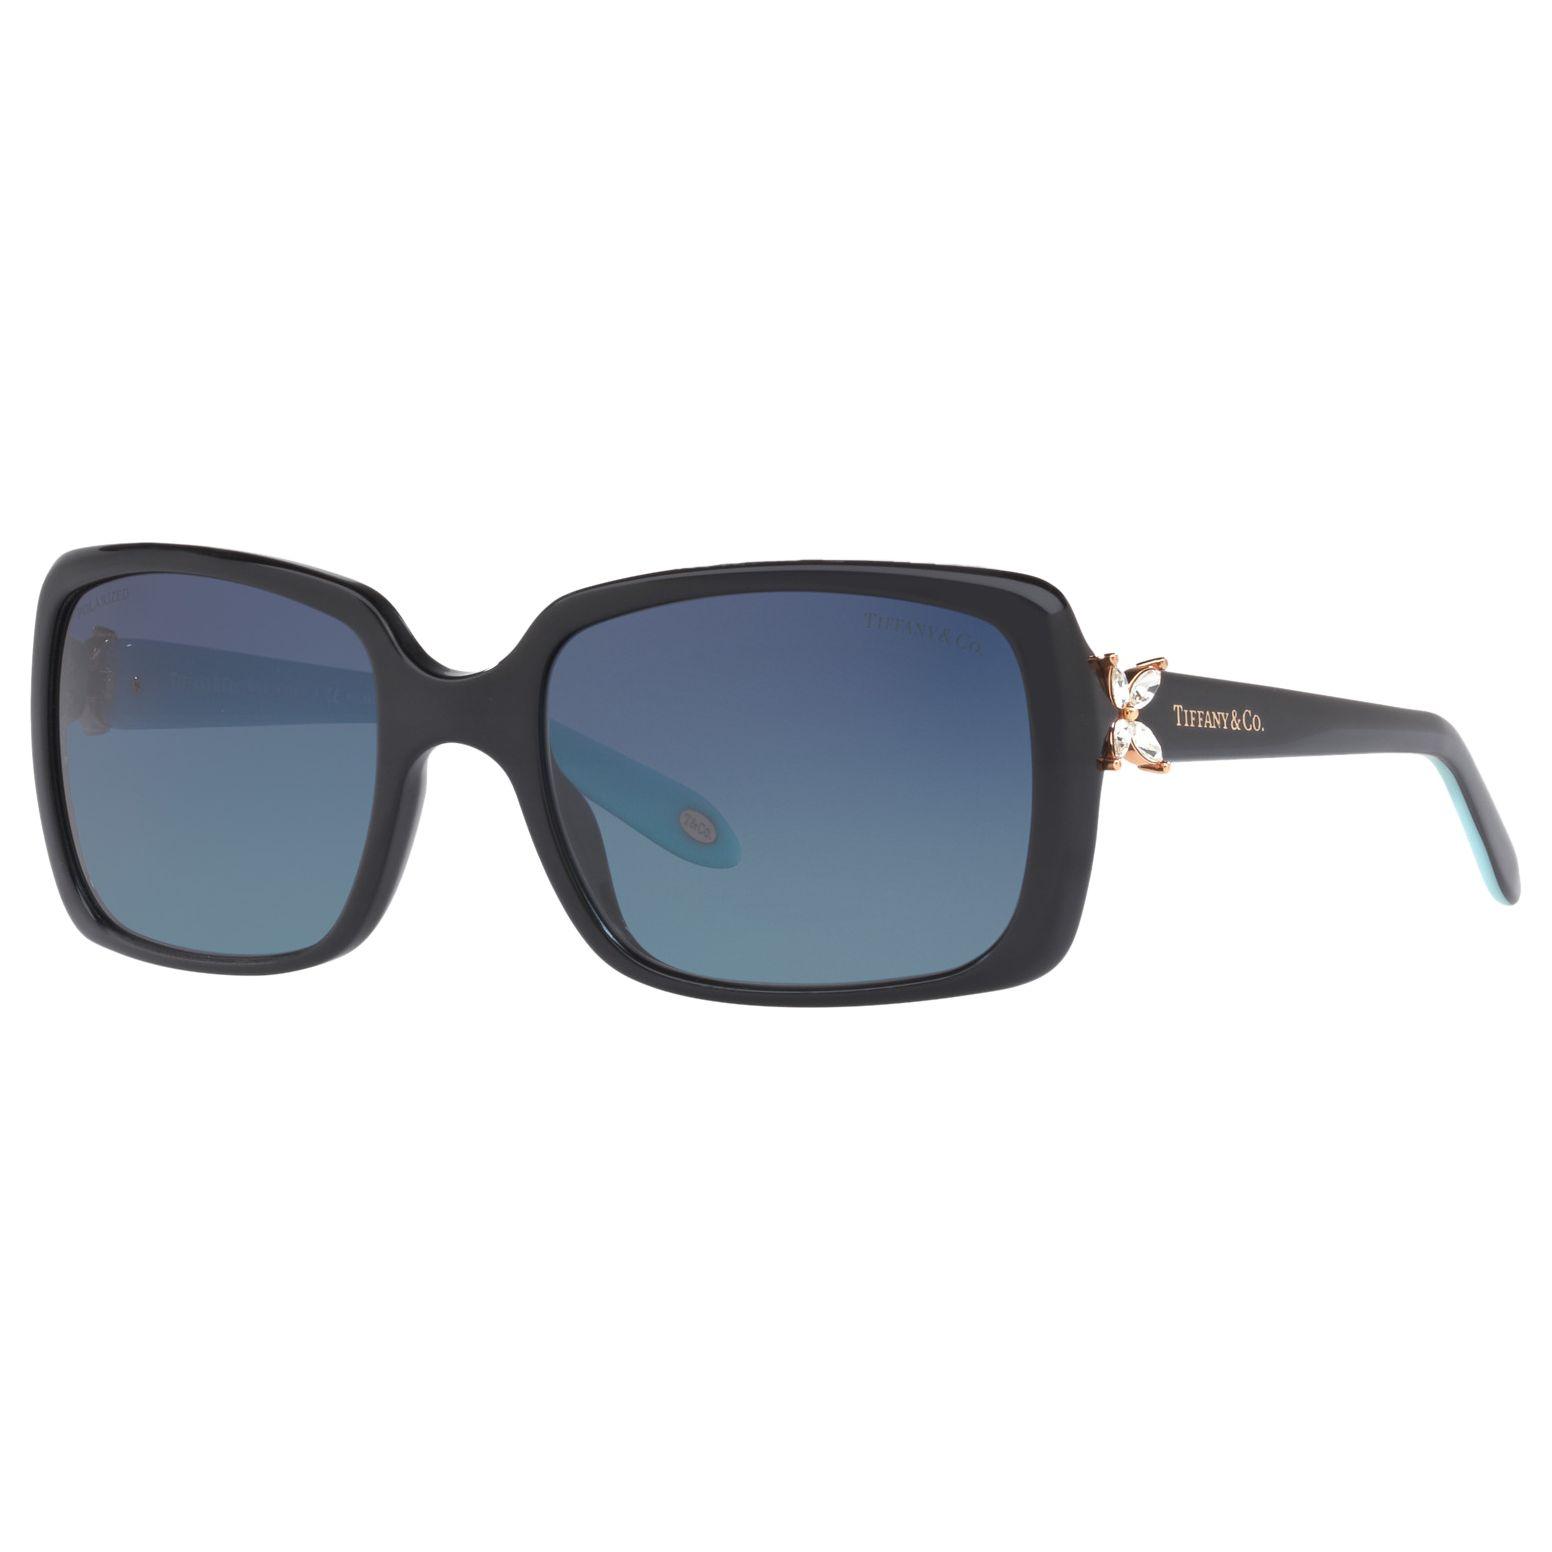 Tiffany & Co Tiffany & Co TF4047B Polarised Embellished Rectangular Sunglasses, Black/Sky Blue